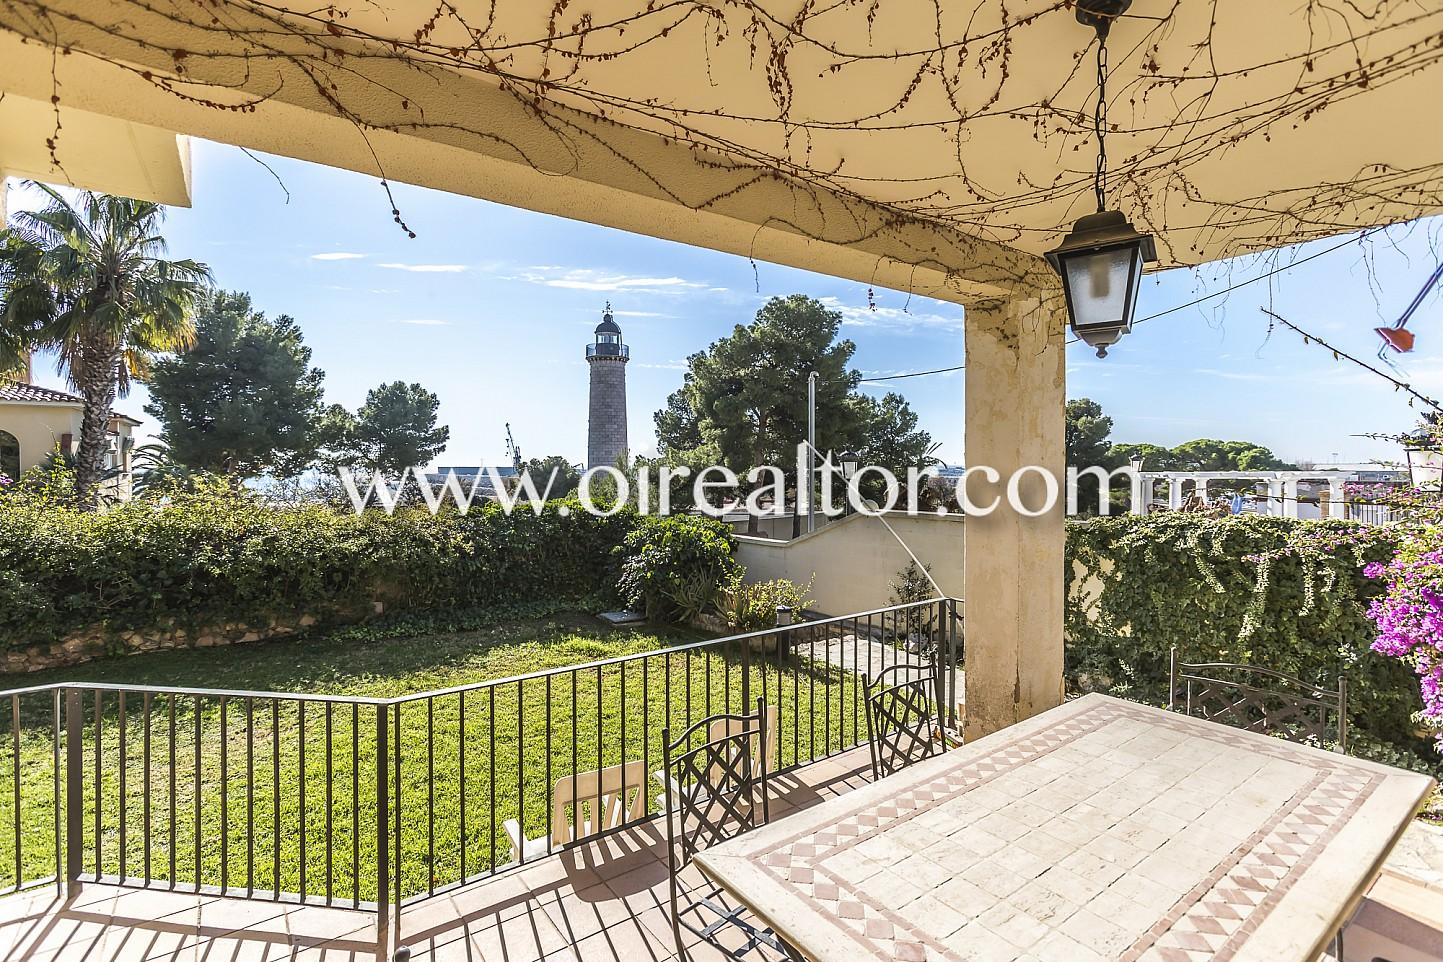 Espectacular casa en venta en el faro de vilanova i la geltr oi realtor - Apartamentos en el algarve ...